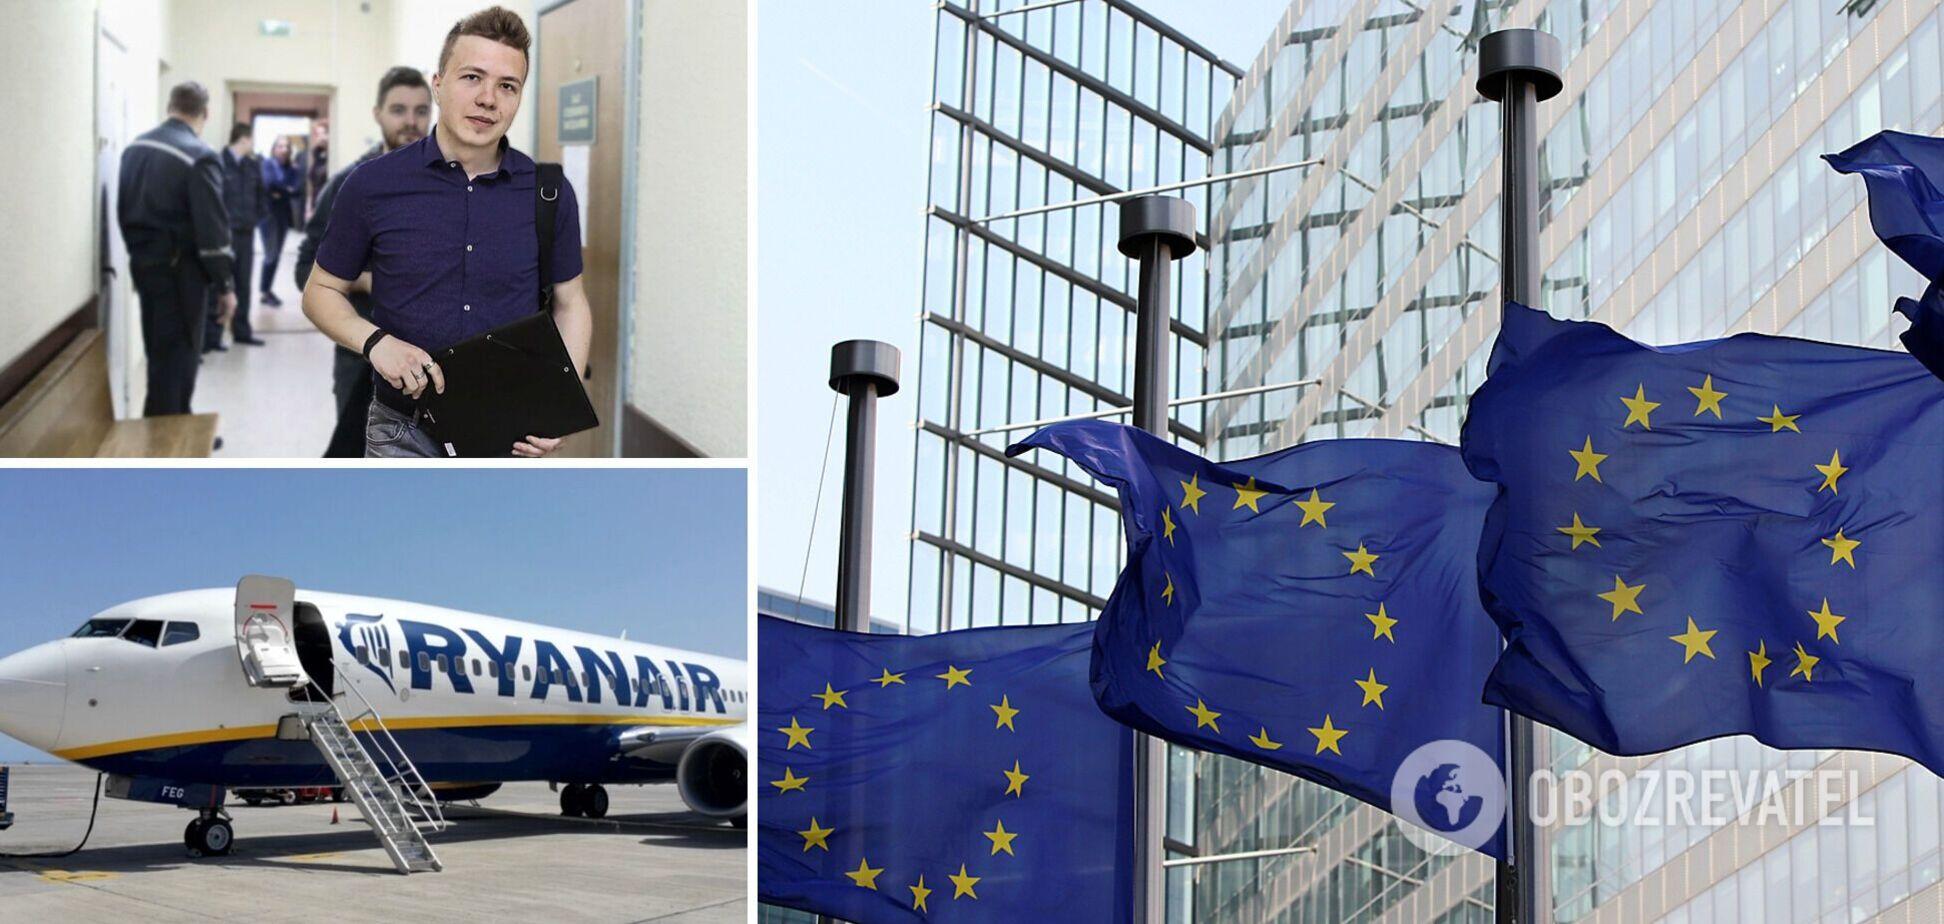 ЕС заморозил €3 млрд помощи Минску и запретил полеты белорусских авиакомпаний